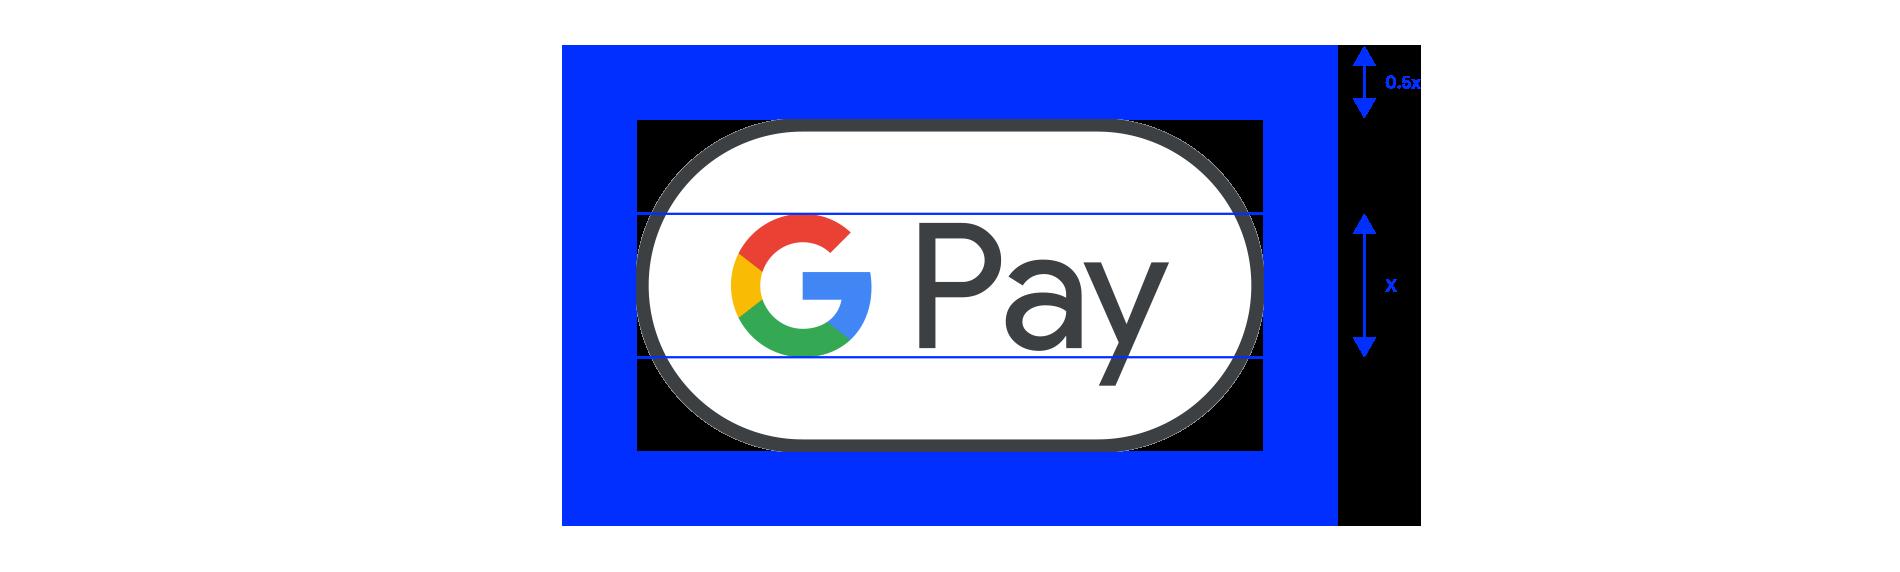 Exemplo de espaço livre da marca Google Pay